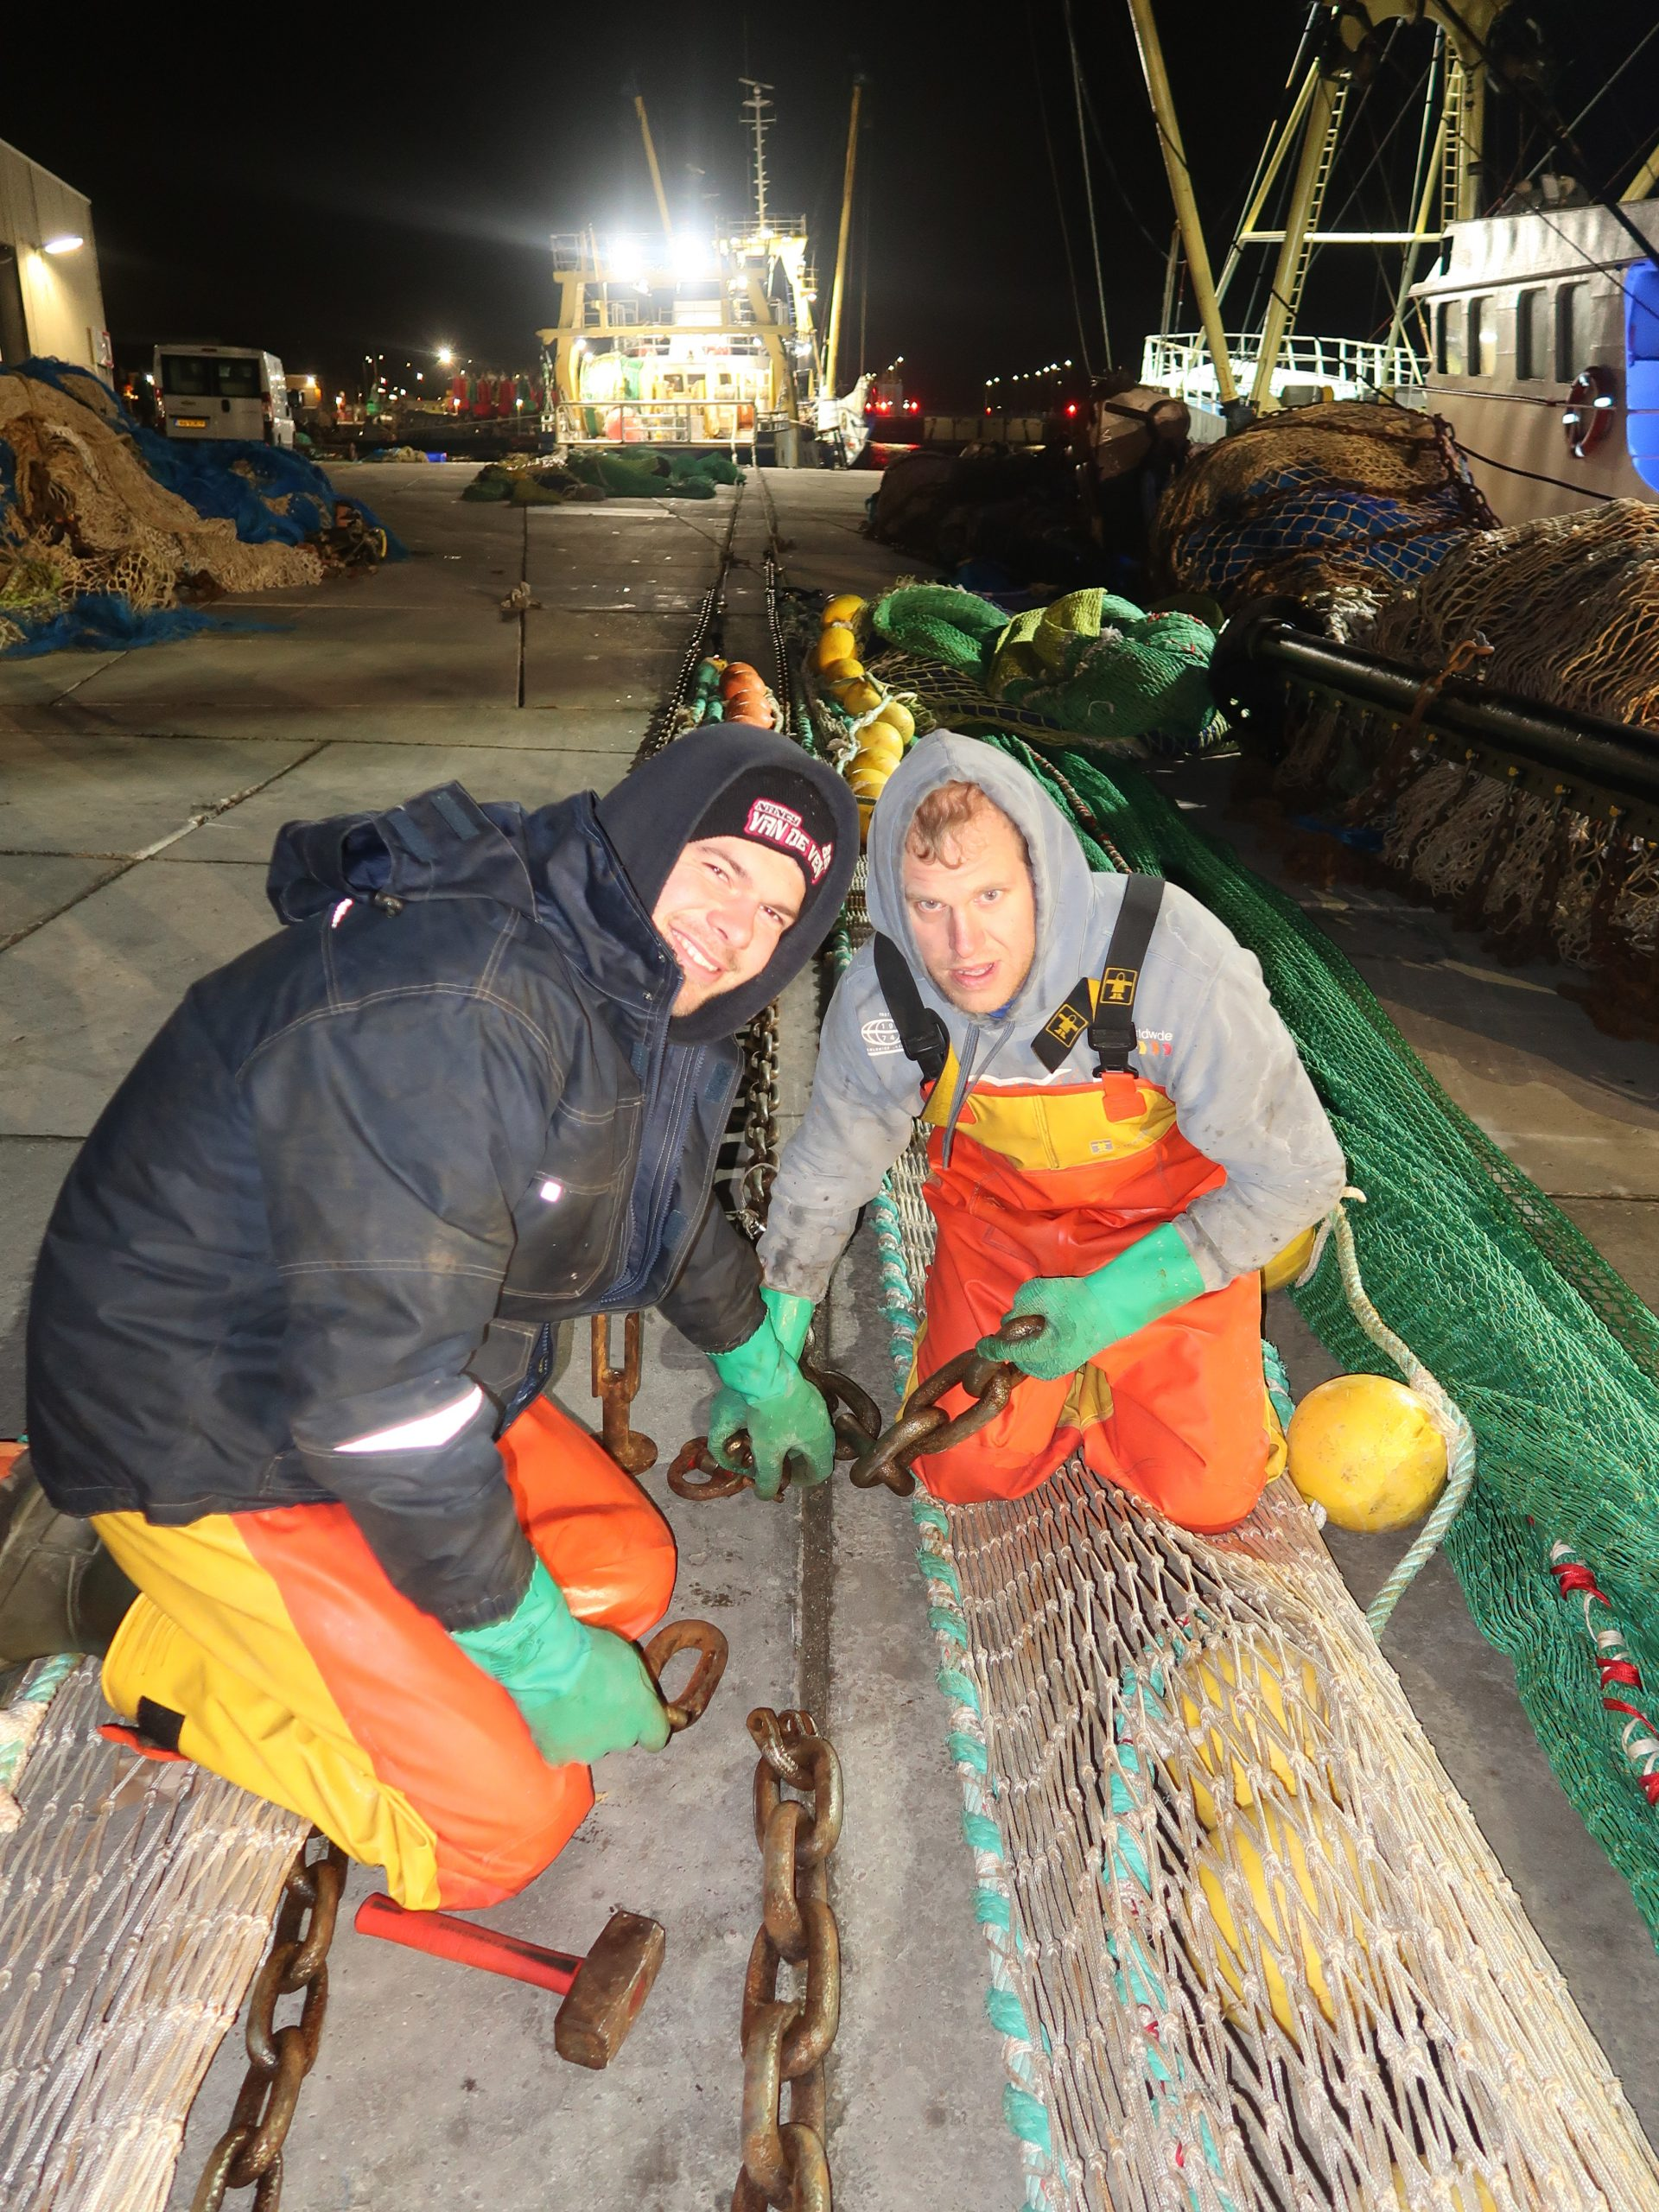 Matrozen Pojk van de Gruiter (links) en Paco de Visser repareren in de vroege ochtend het flyshootnet, zodat het weer picobello in de schuur kan worden opgeborgen tot de boomkorvisserij in het Bristolkanaal weer ten einde is. (Foto W.M. den Heijer)